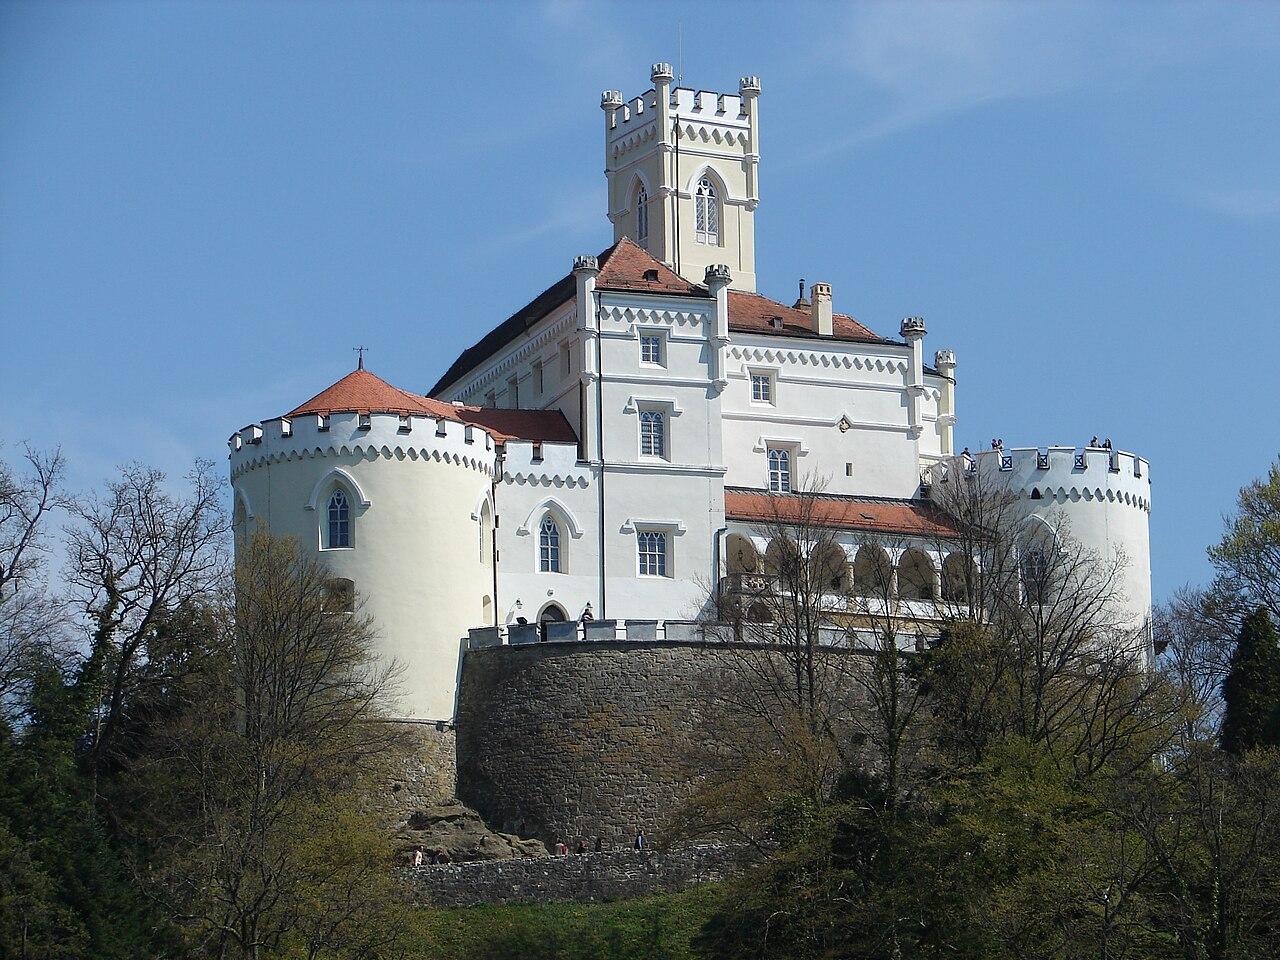 Dvorci koje verovatno nikada nećete posedovati - Page 4 1280px-Trako%C5%A1%C4%87an_2007